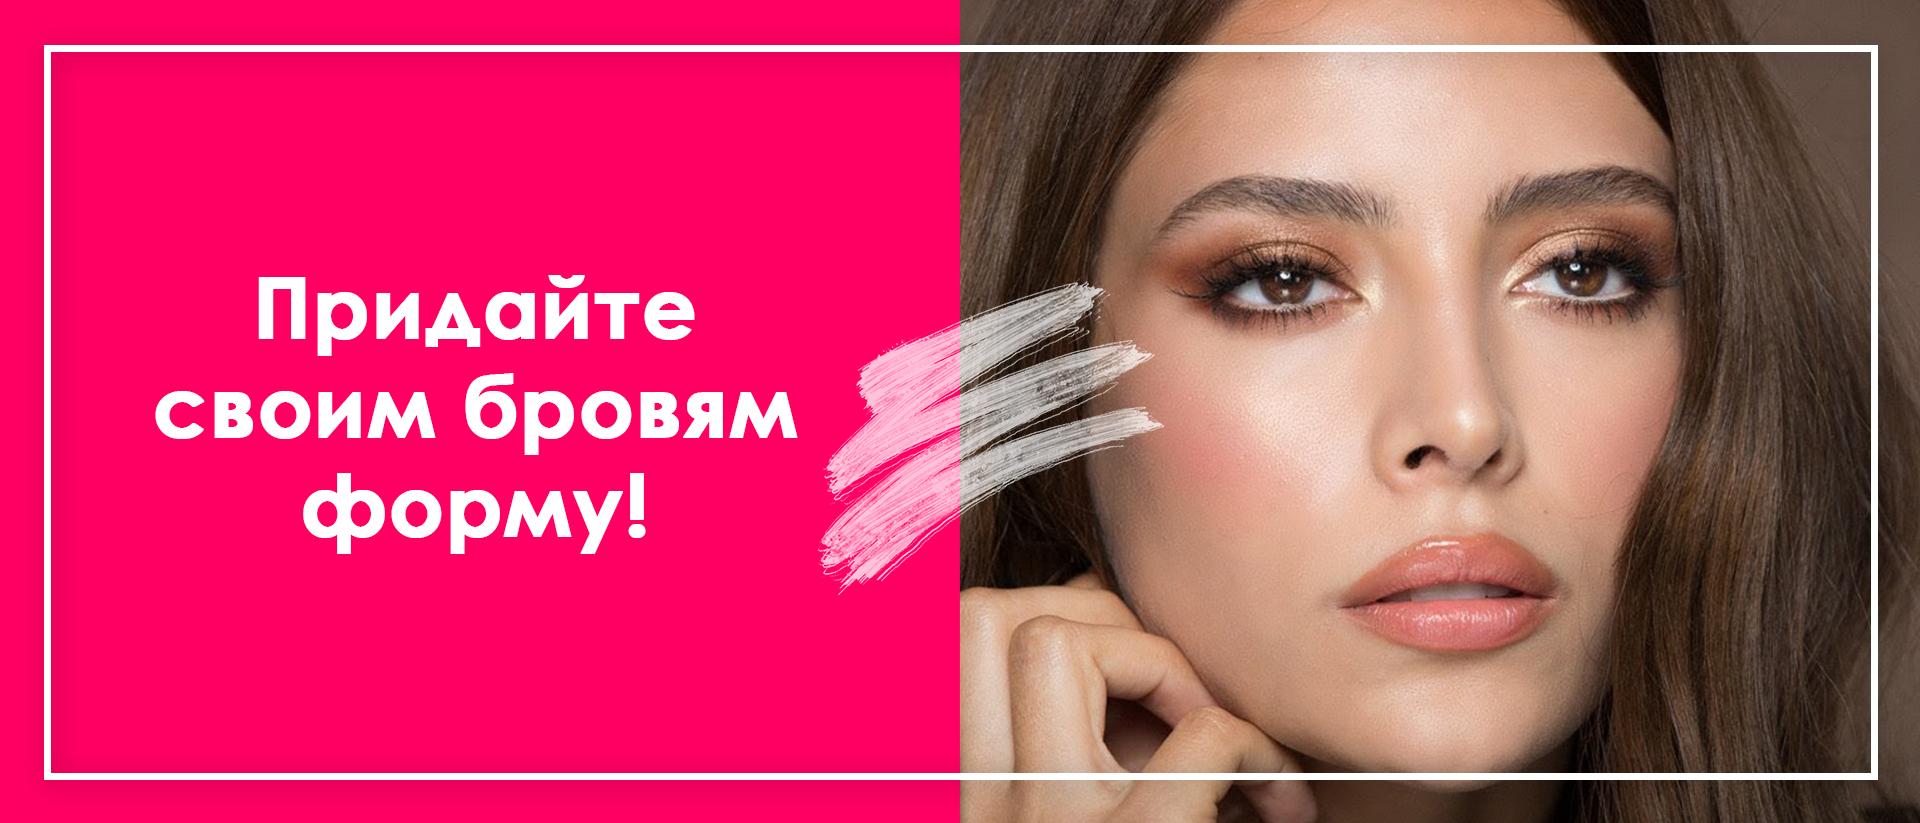 Гель для бровей в Алматы